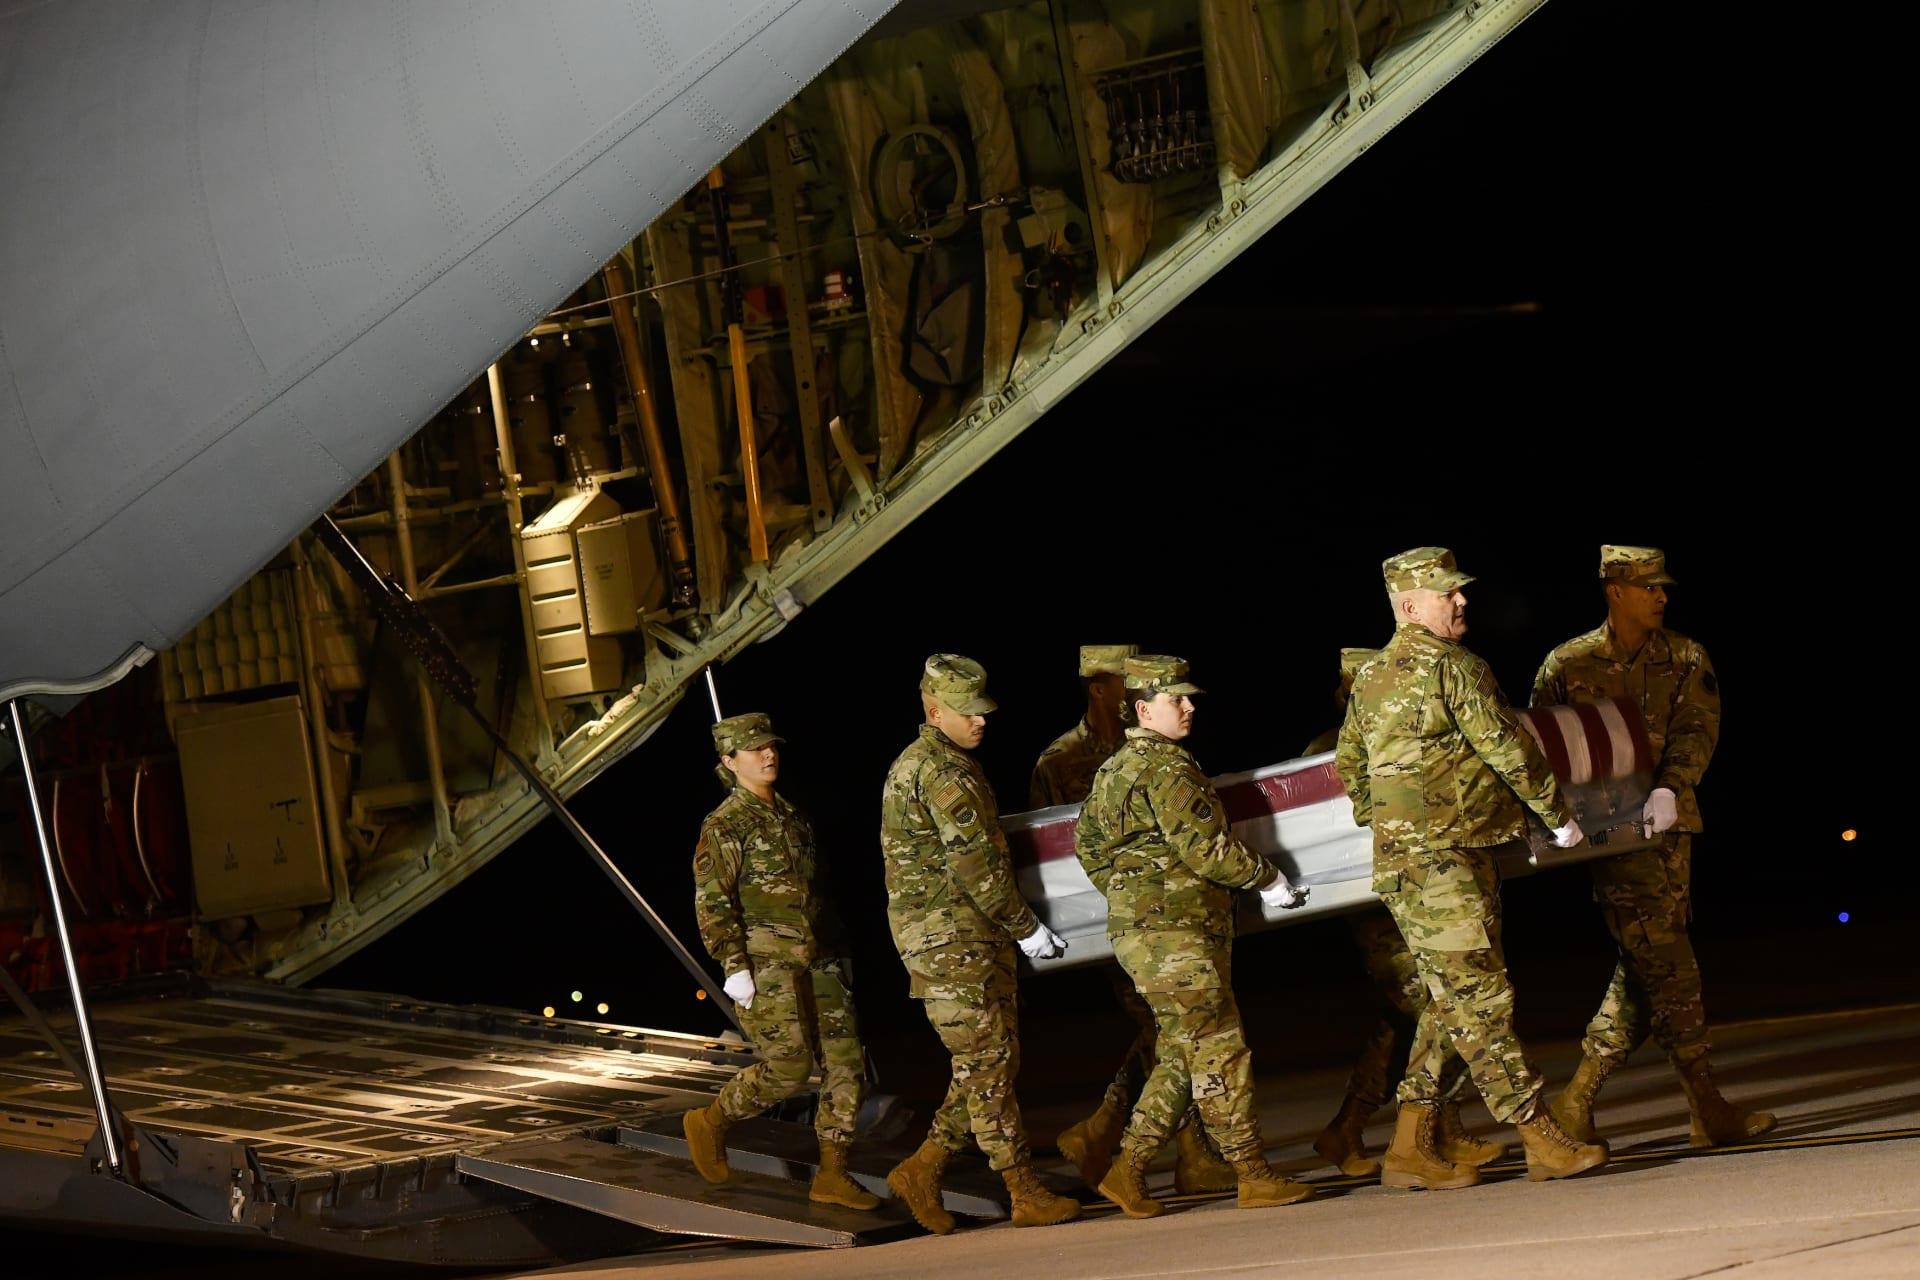 بشار جرار يكتب عن حادثة اعتداء سعودي على مدربيه في قاعدة أميركية: بنيران لئيمة